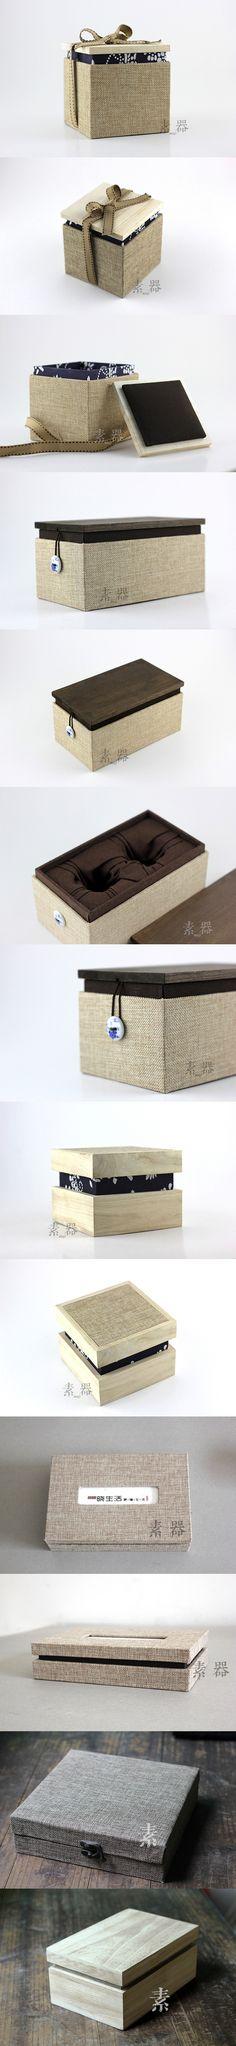 素器 Something nests in this lovely packaging. Rice Packaging, Food Packaging Design, Creative Box, Jewelry Packaging, Bookbinding, Box Design, Jewellery Display, Dr Phan, Package Design